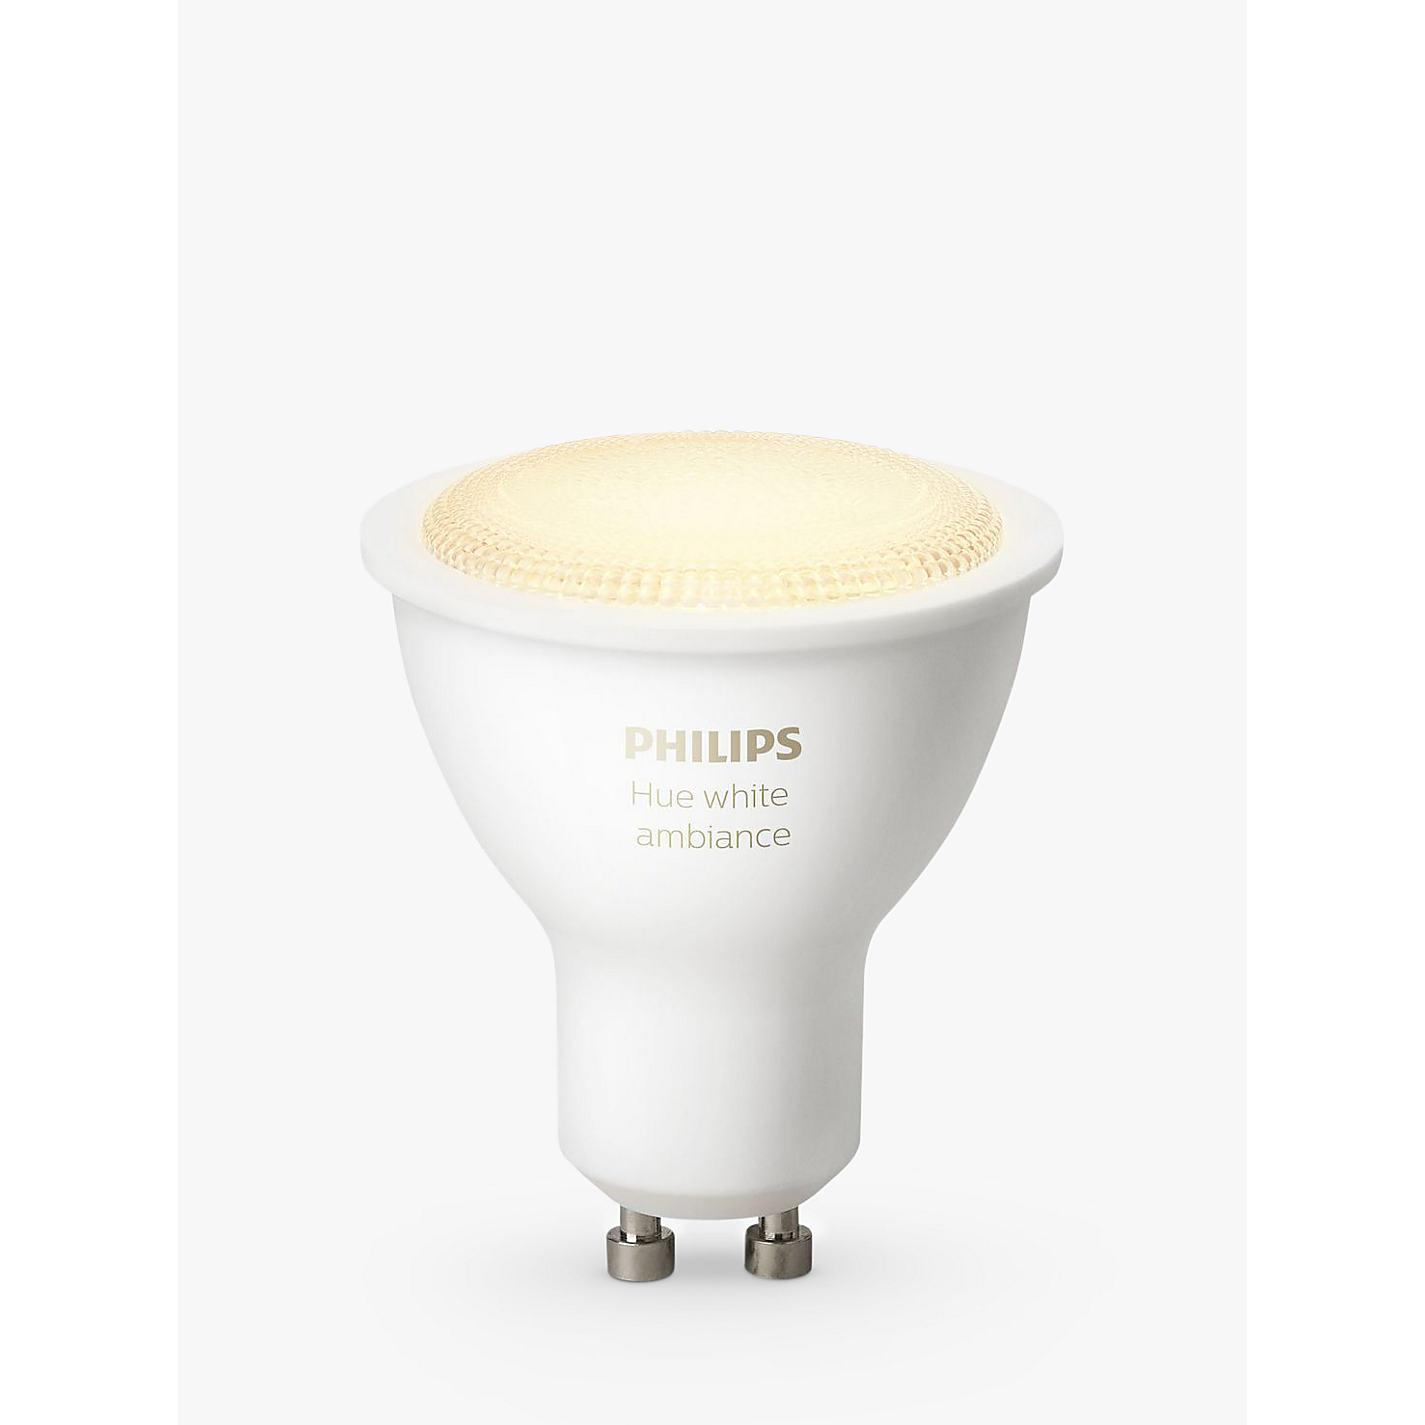 236509837?$prod_exlrg$ Luxus Philips Led Gu 10 Dekorationen